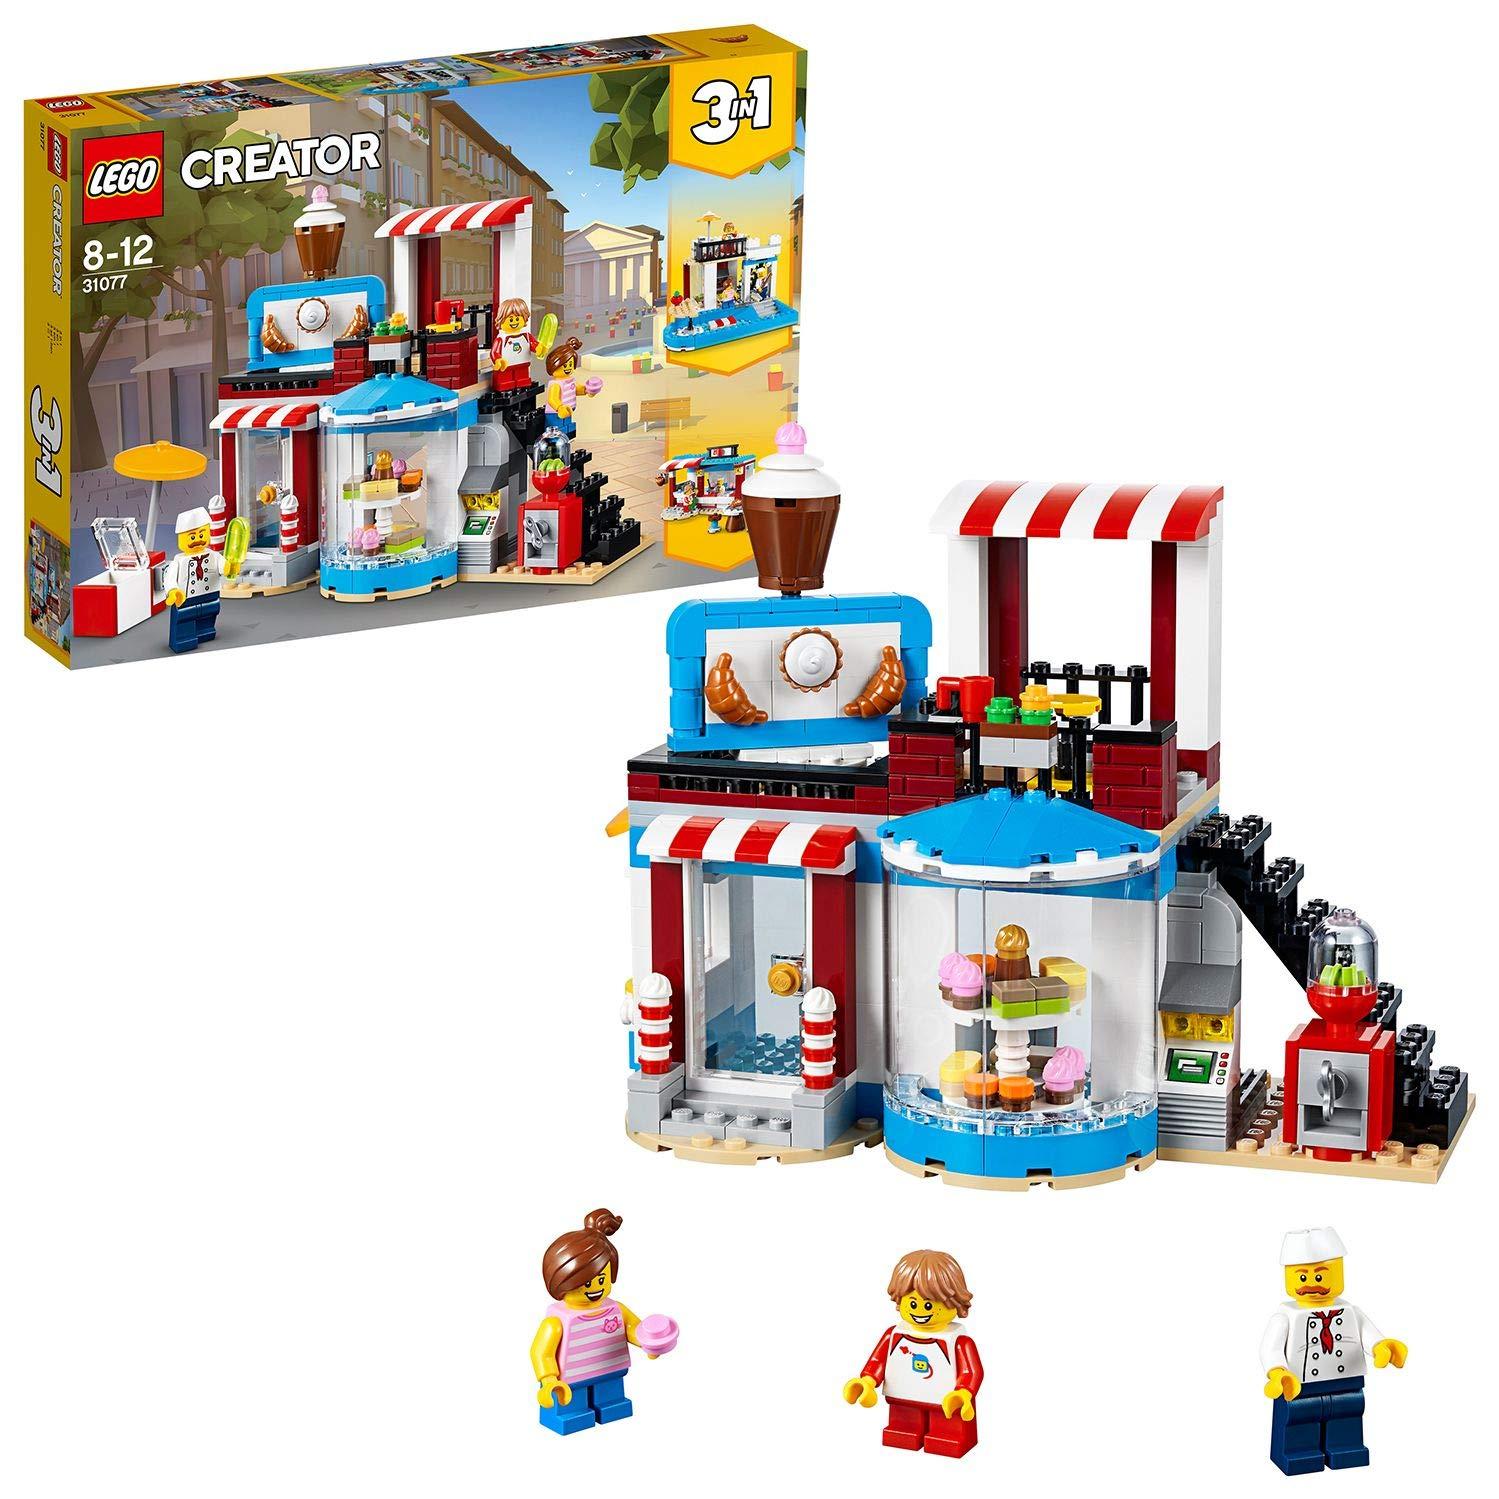 Jouet Lego Creator - Un univers plein de surprises (31077)